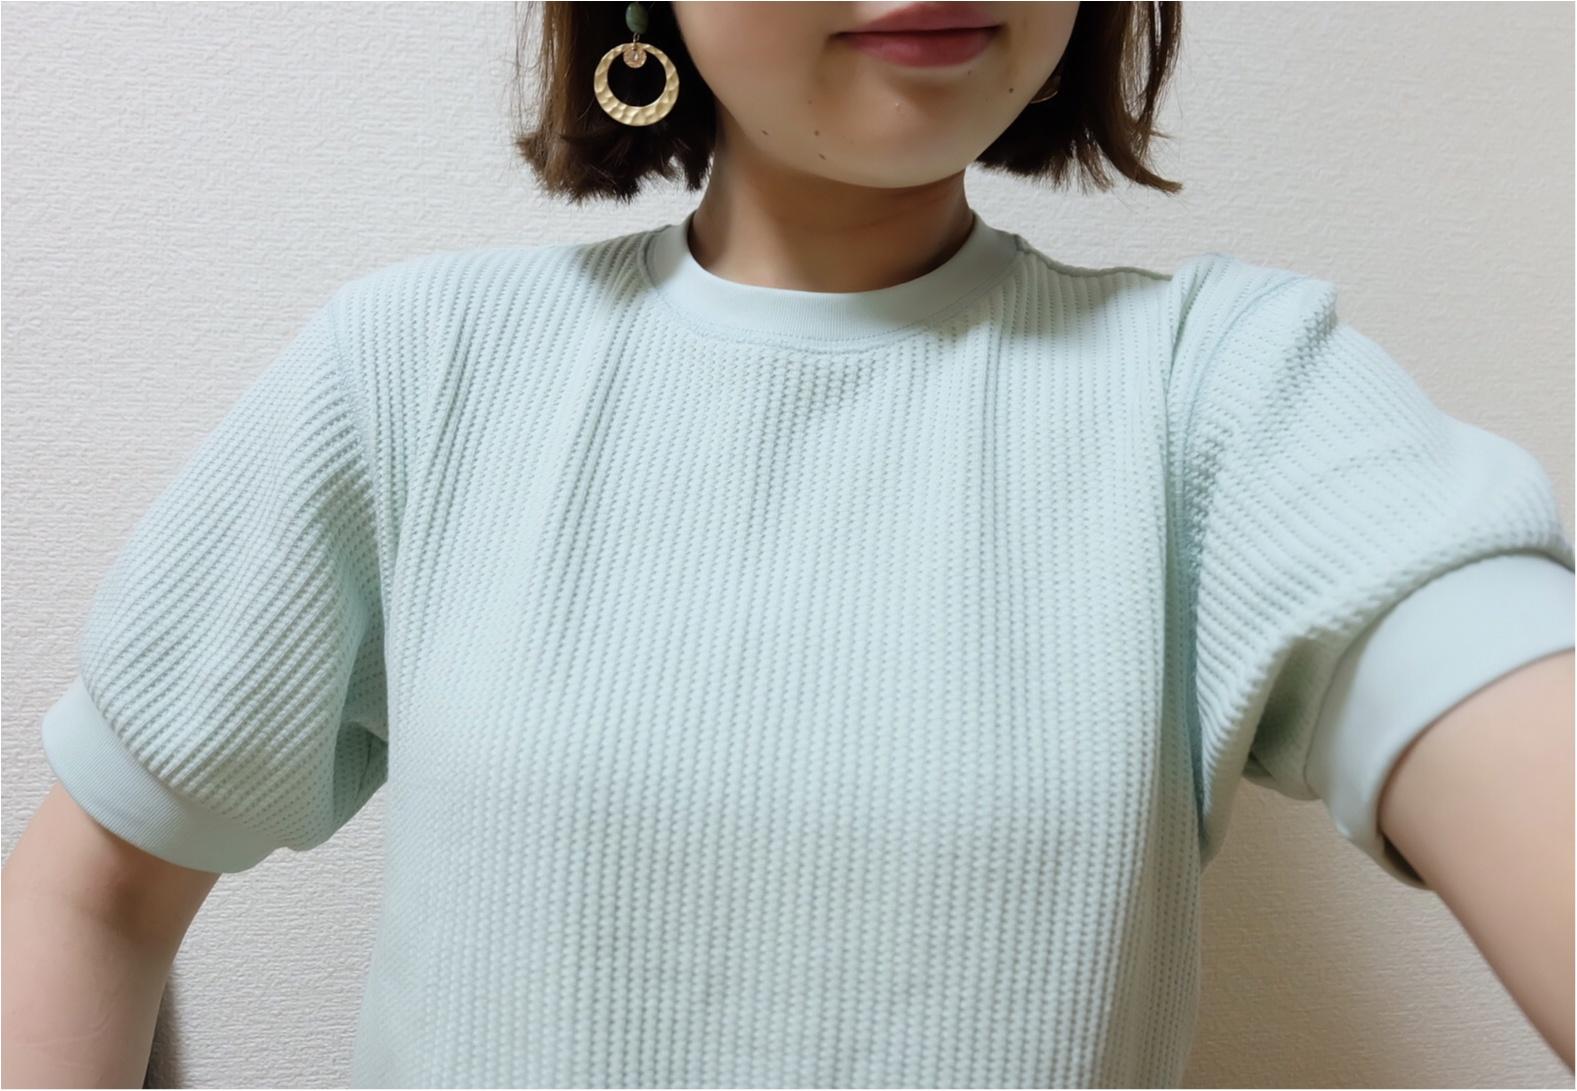 【UNIQLO】腕が細く見えるワッフルTのヒミツ♡¥1500で着痩せしちゃおう♡コーデ組みあり☝︎_1